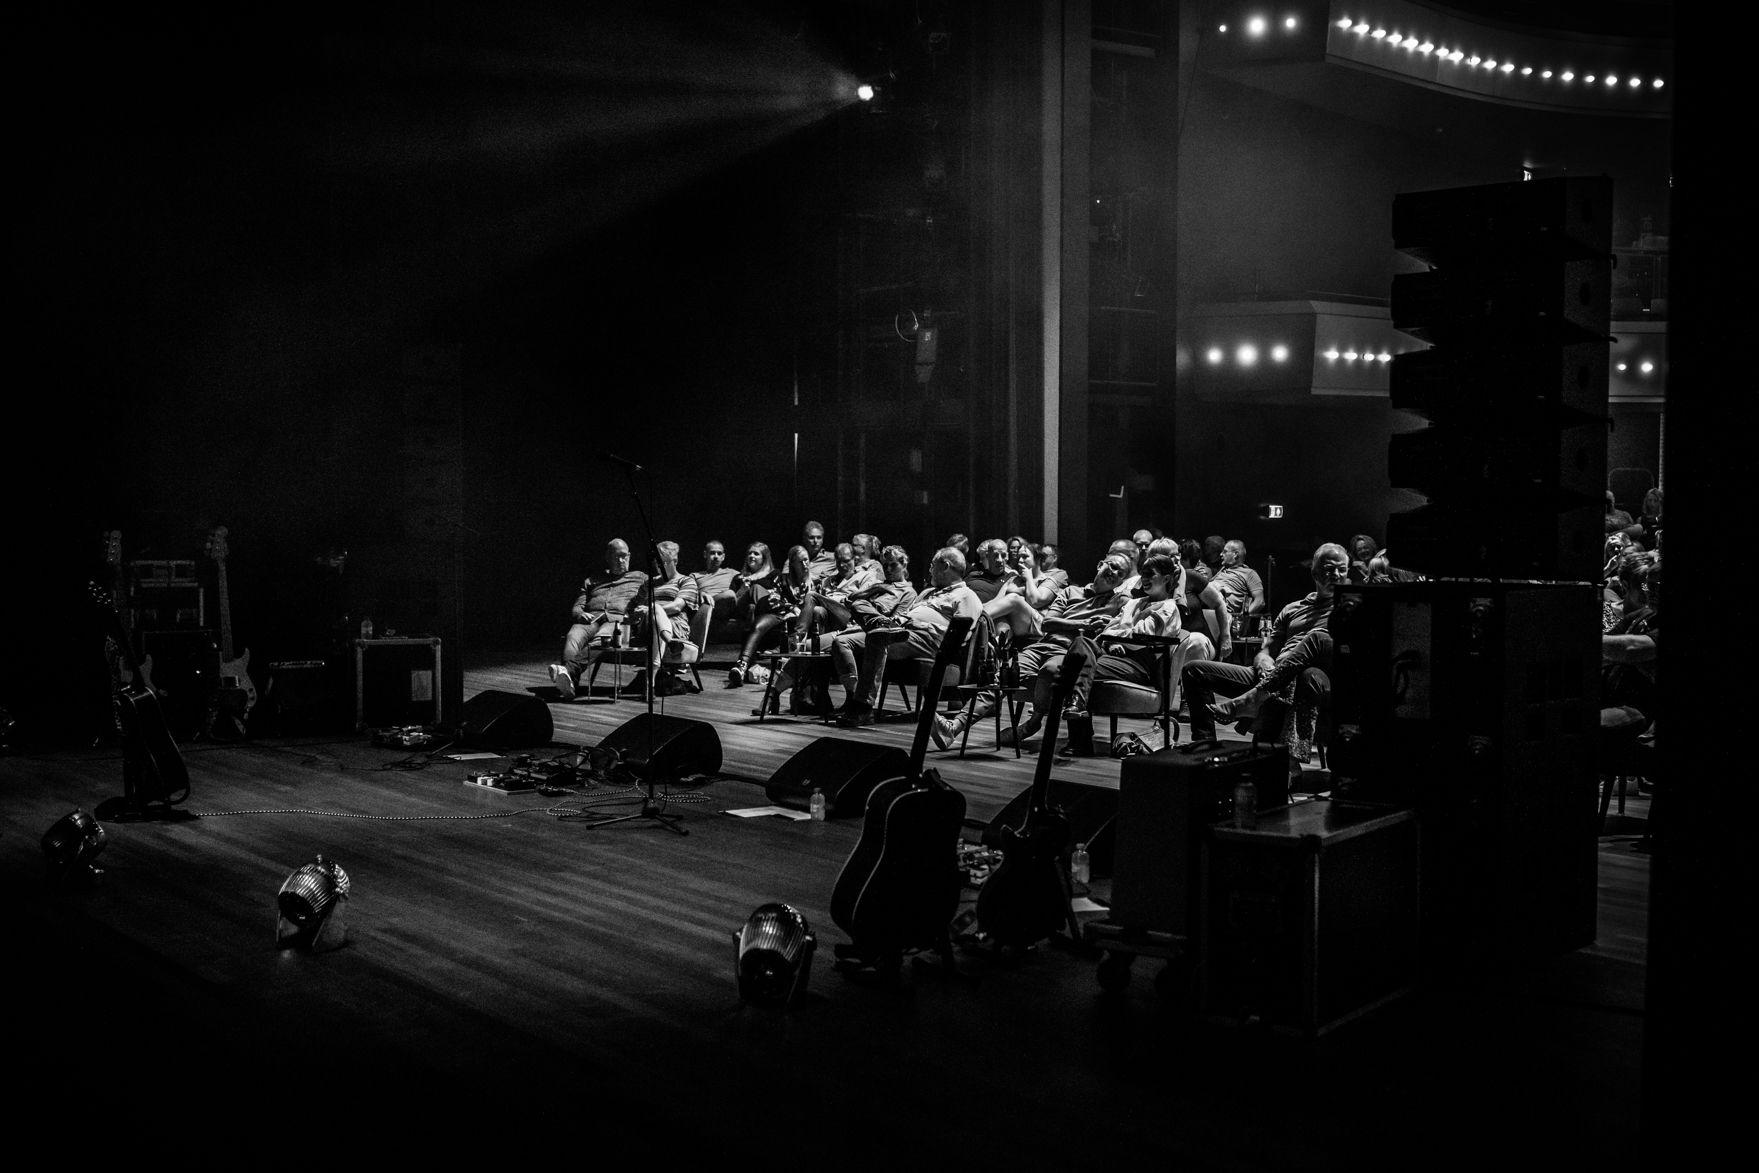 Het tuinconcert van Van Dik Hout op 24 juli 2021 werd verplaatst naar de Tamboerzaal. Photo Anya maakte foto's van het concert in Hoogeveen.